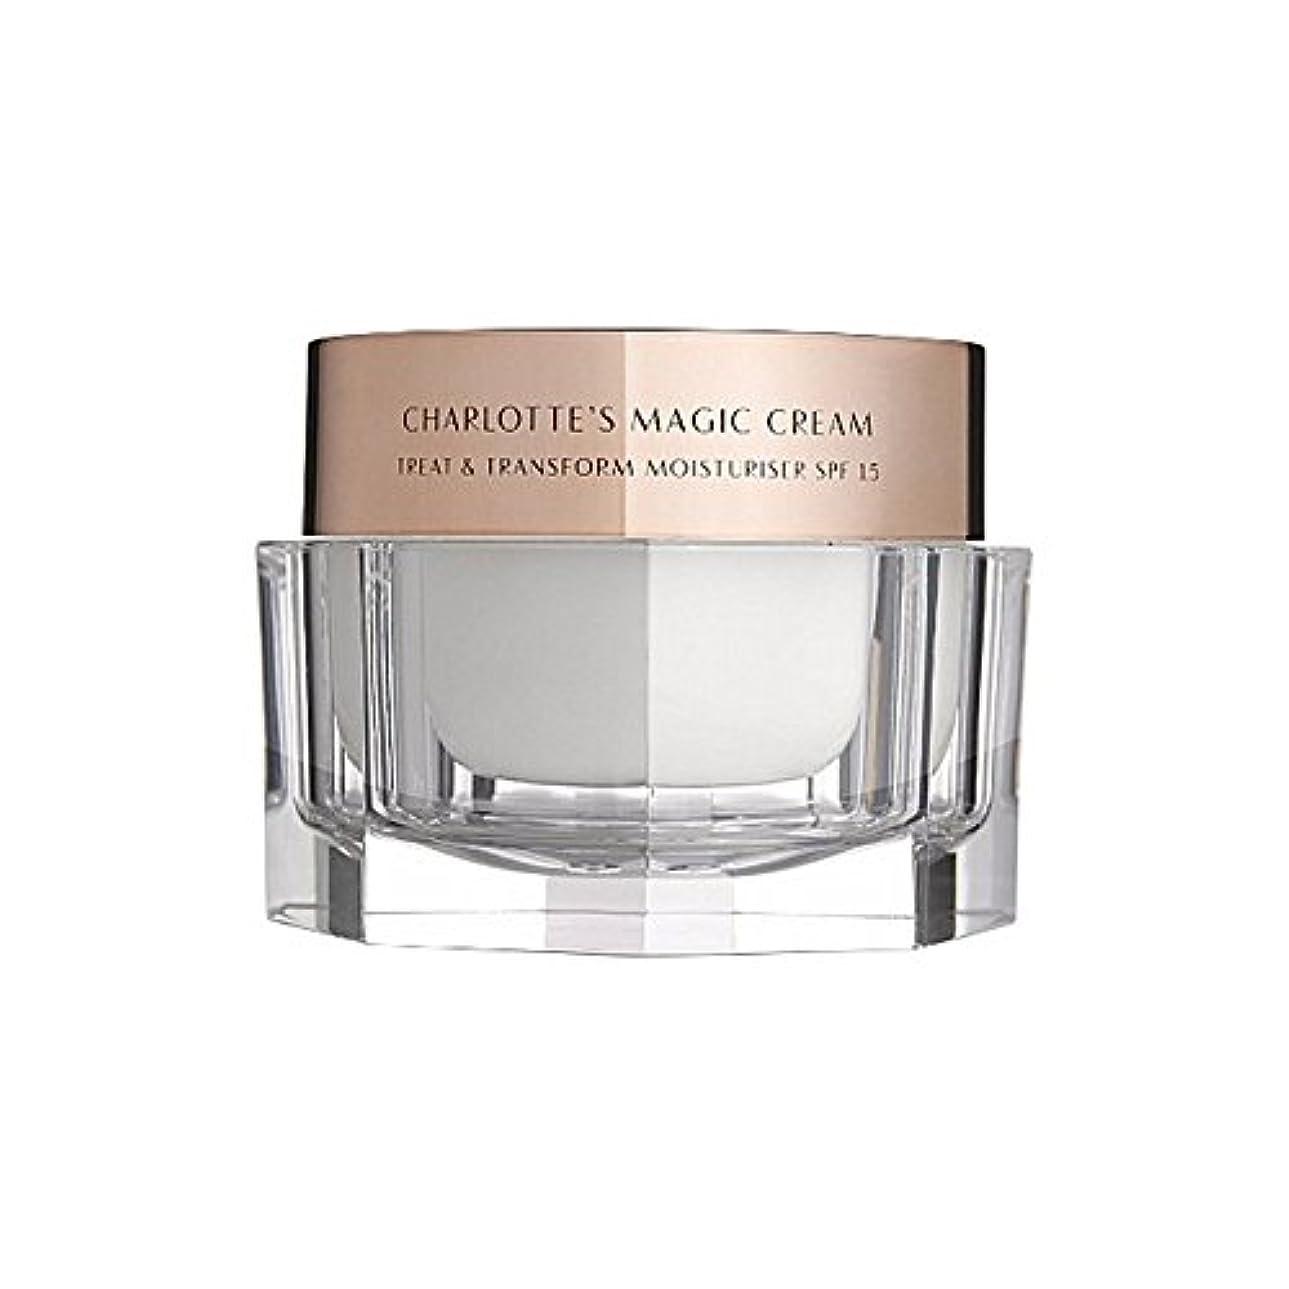 偶然のうまリアルシャーロット?ティルベリーシャーロットの魔法のクリームの御馳走&モイスチャライザー 15 50ミリリットルを変換 x2 - Charlotte Tilbury Charlotte's Magic Cream Treat & Transform Moisturiser Spf 15 50Ml (Pack of 2) [並行輸入品]